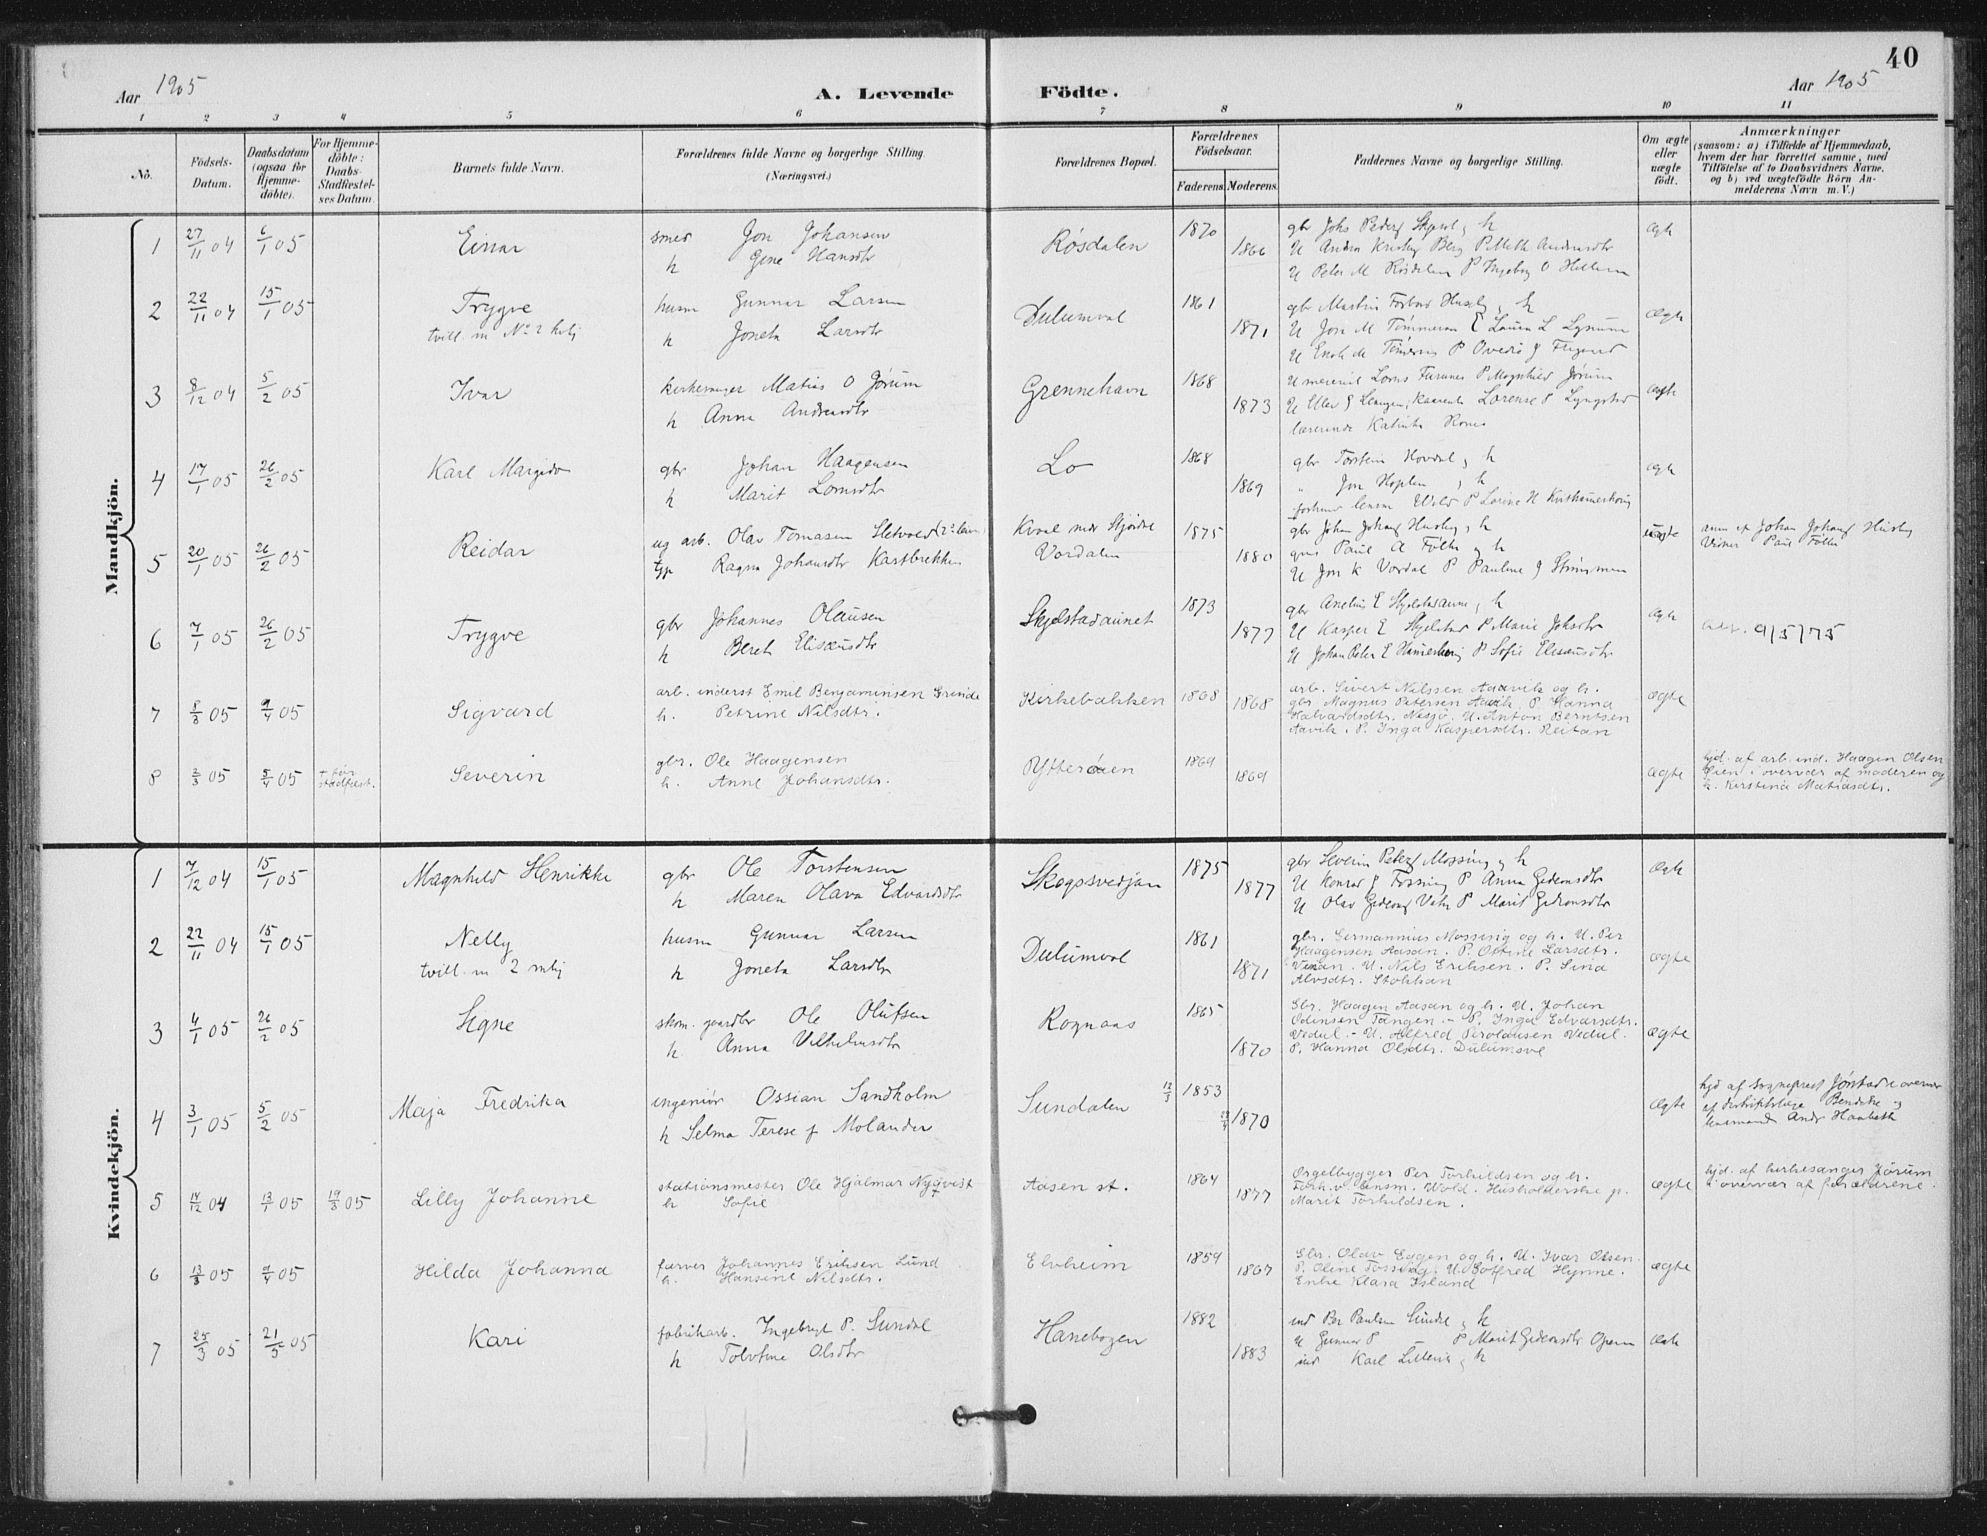 SAT, Ministerialprotokoller, klokkerbøker og fødselsregistre - Nord-Trøndelag, 714/L0131: Ministerialbok nr. 714A02, 1896-1918, s. 40